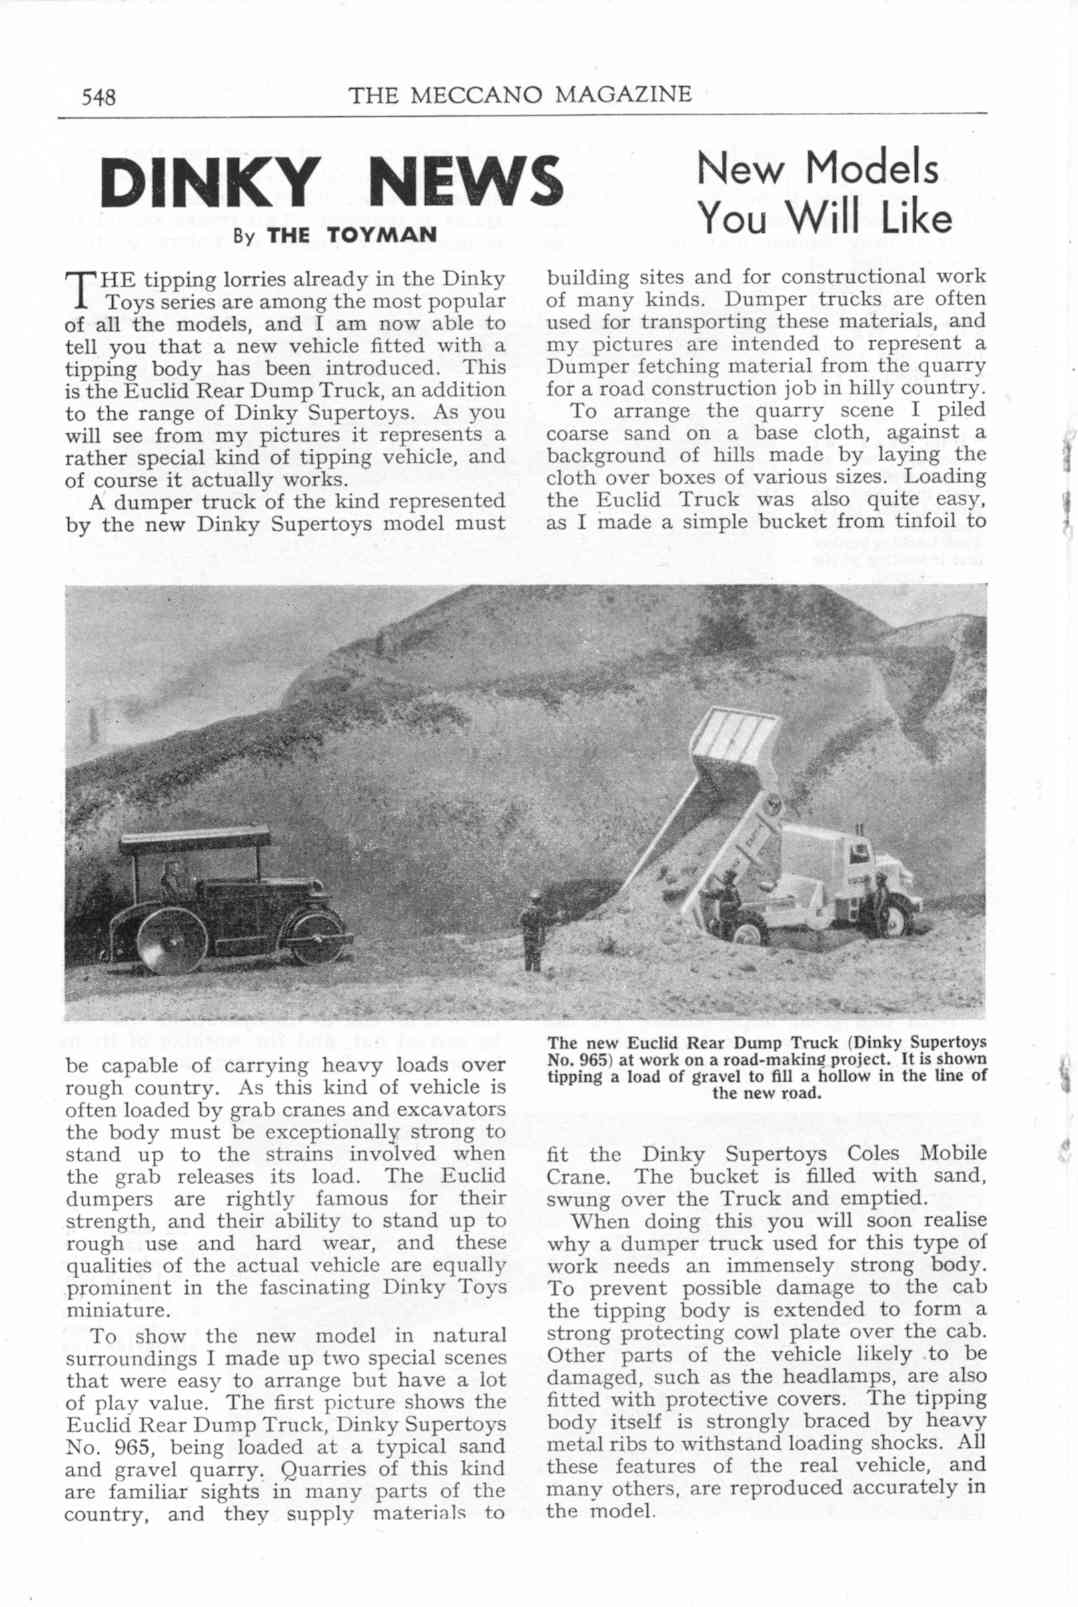 UK Meccano Magazine October 1955 Page 548